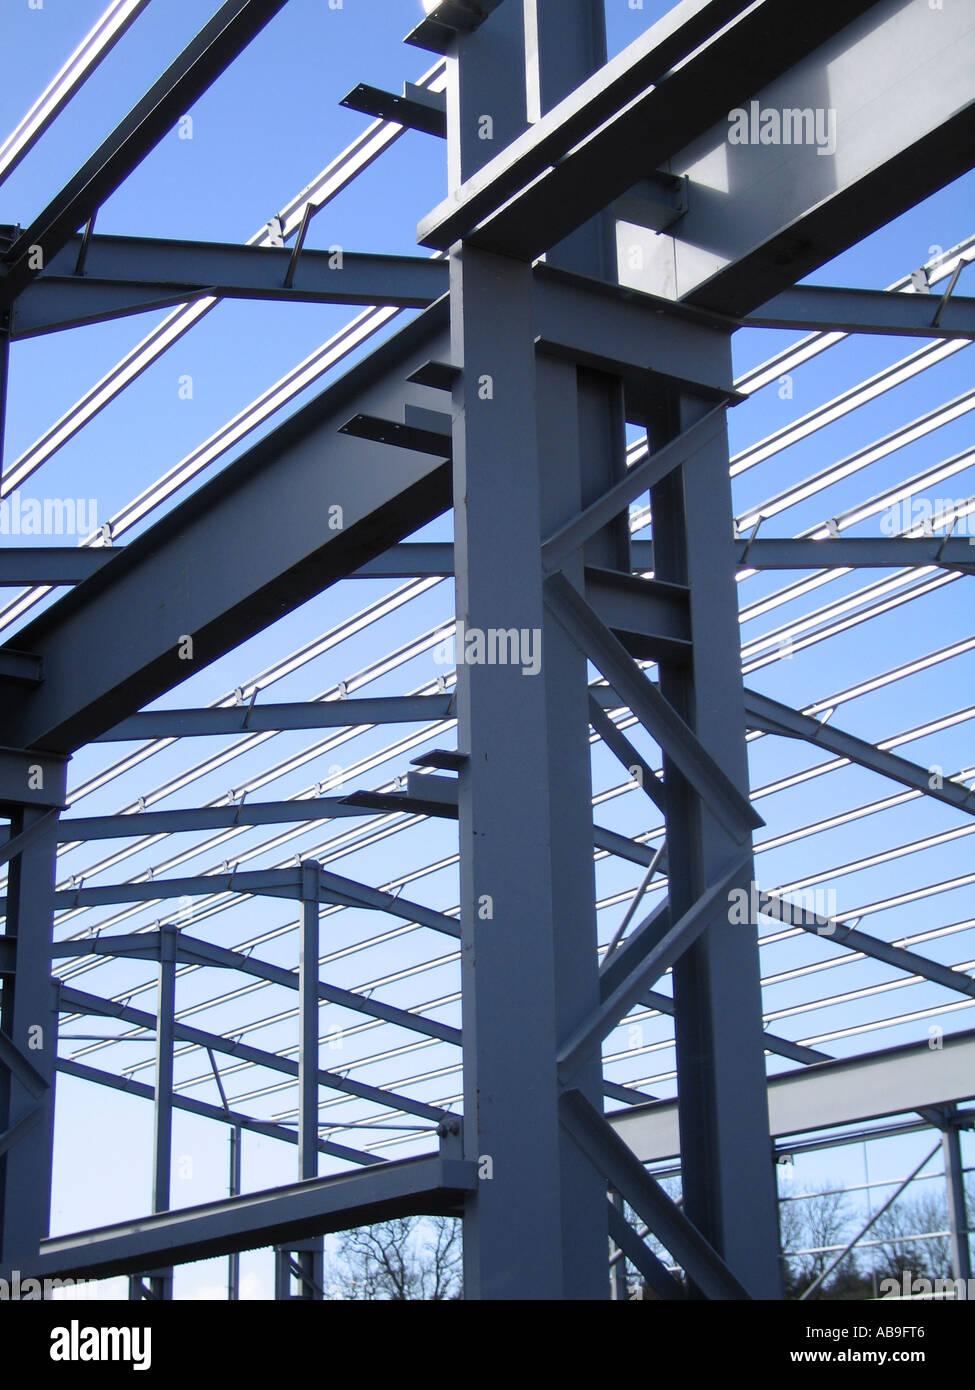 Portal Stahlrahmen Gebäude während der Bauphase Stockfoto, Bild ...